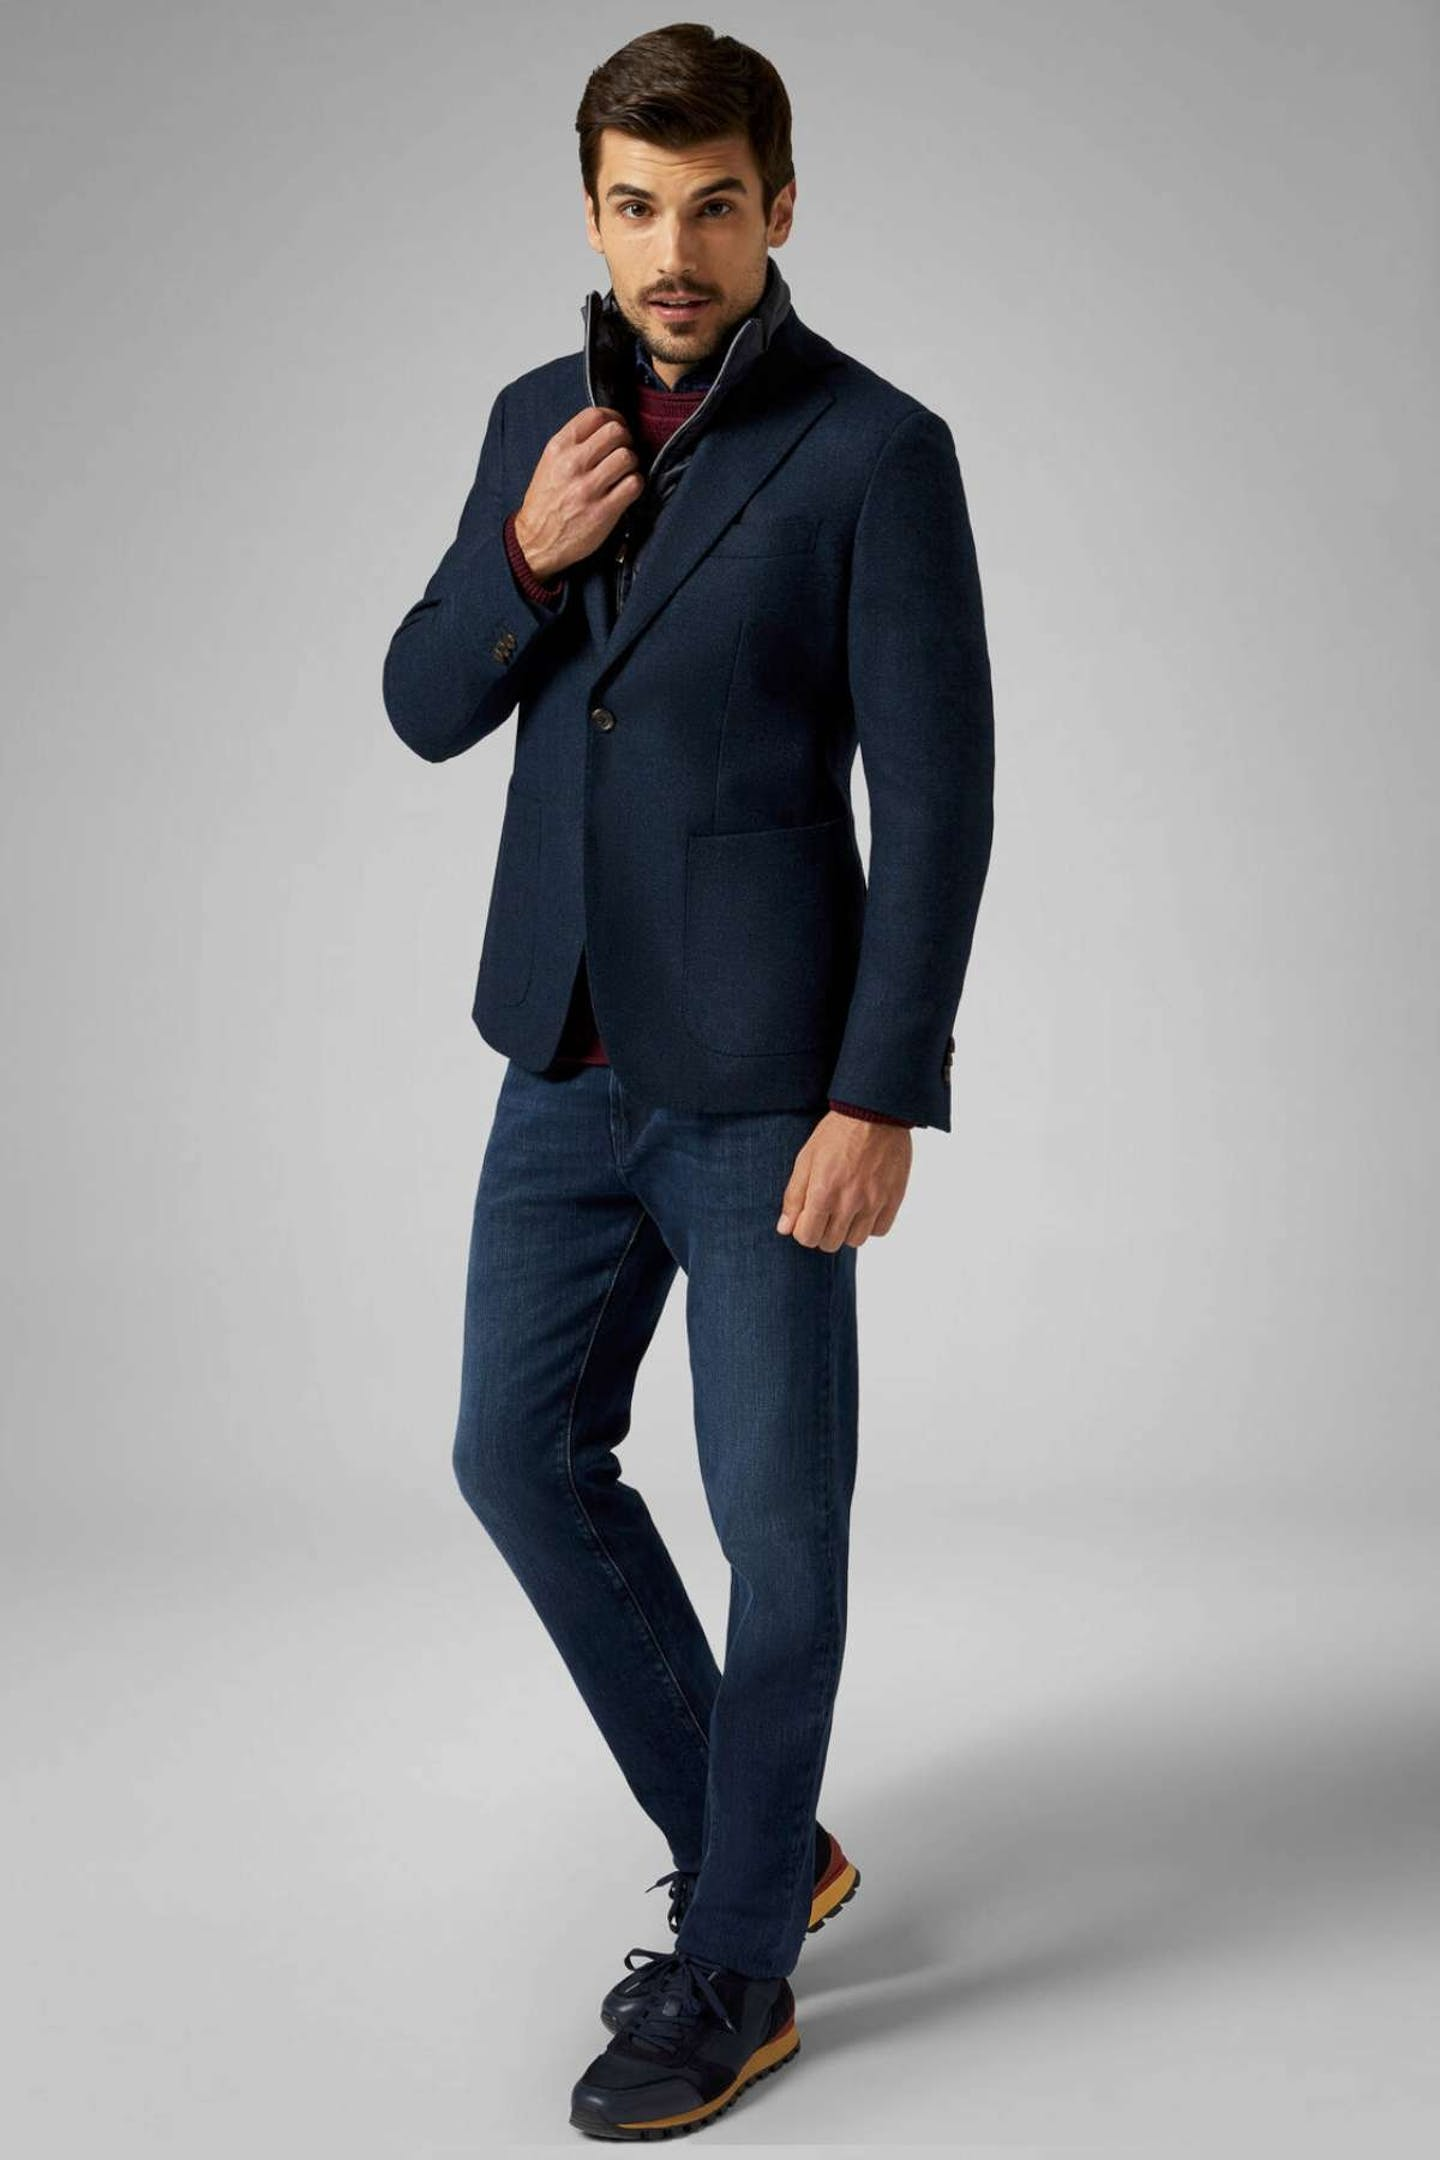 come abbinare jeans uomo con giacca navy Boggi Milano